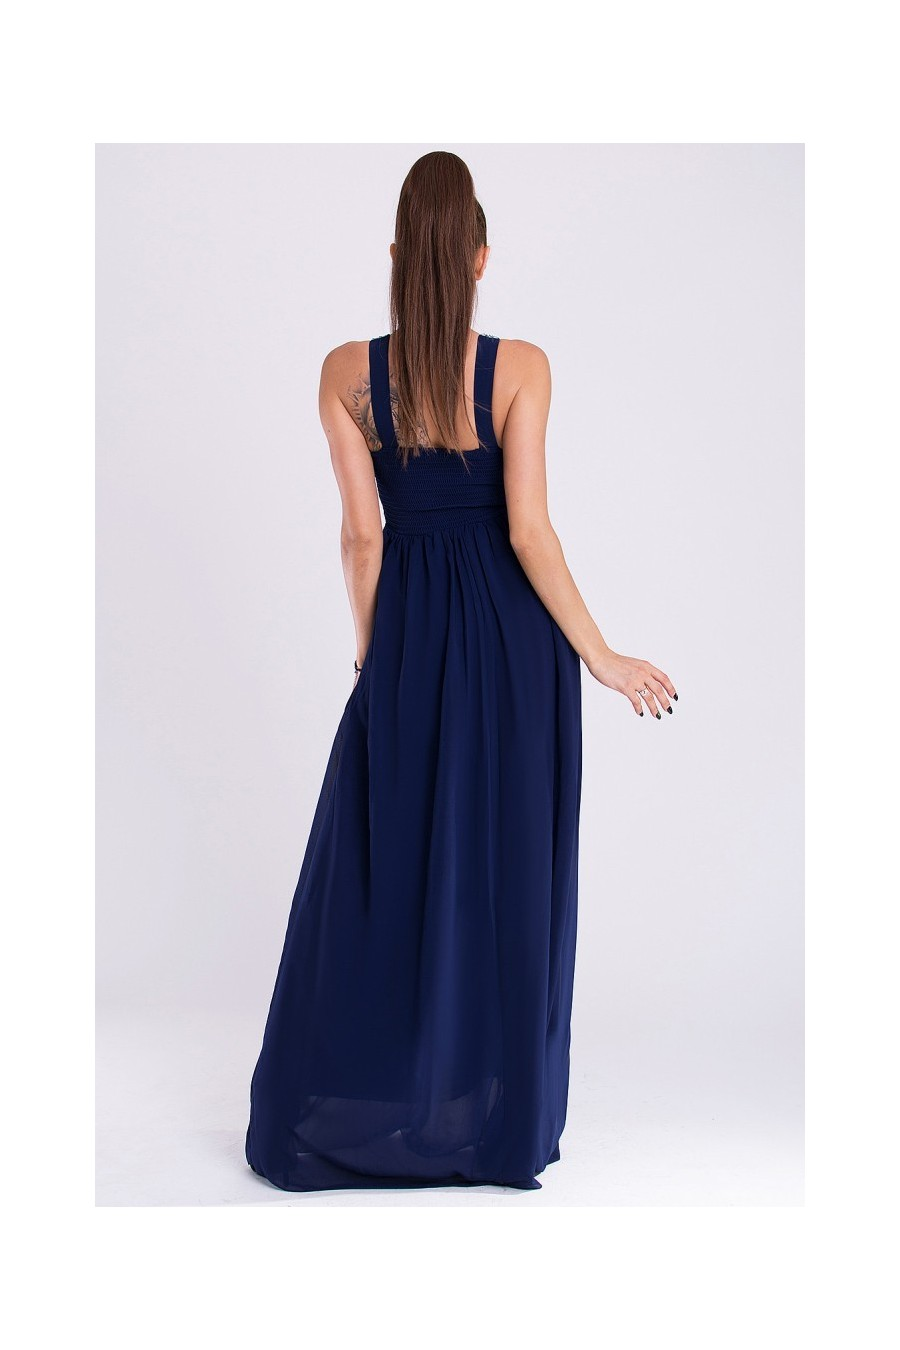 Spoločenské šaty 2654